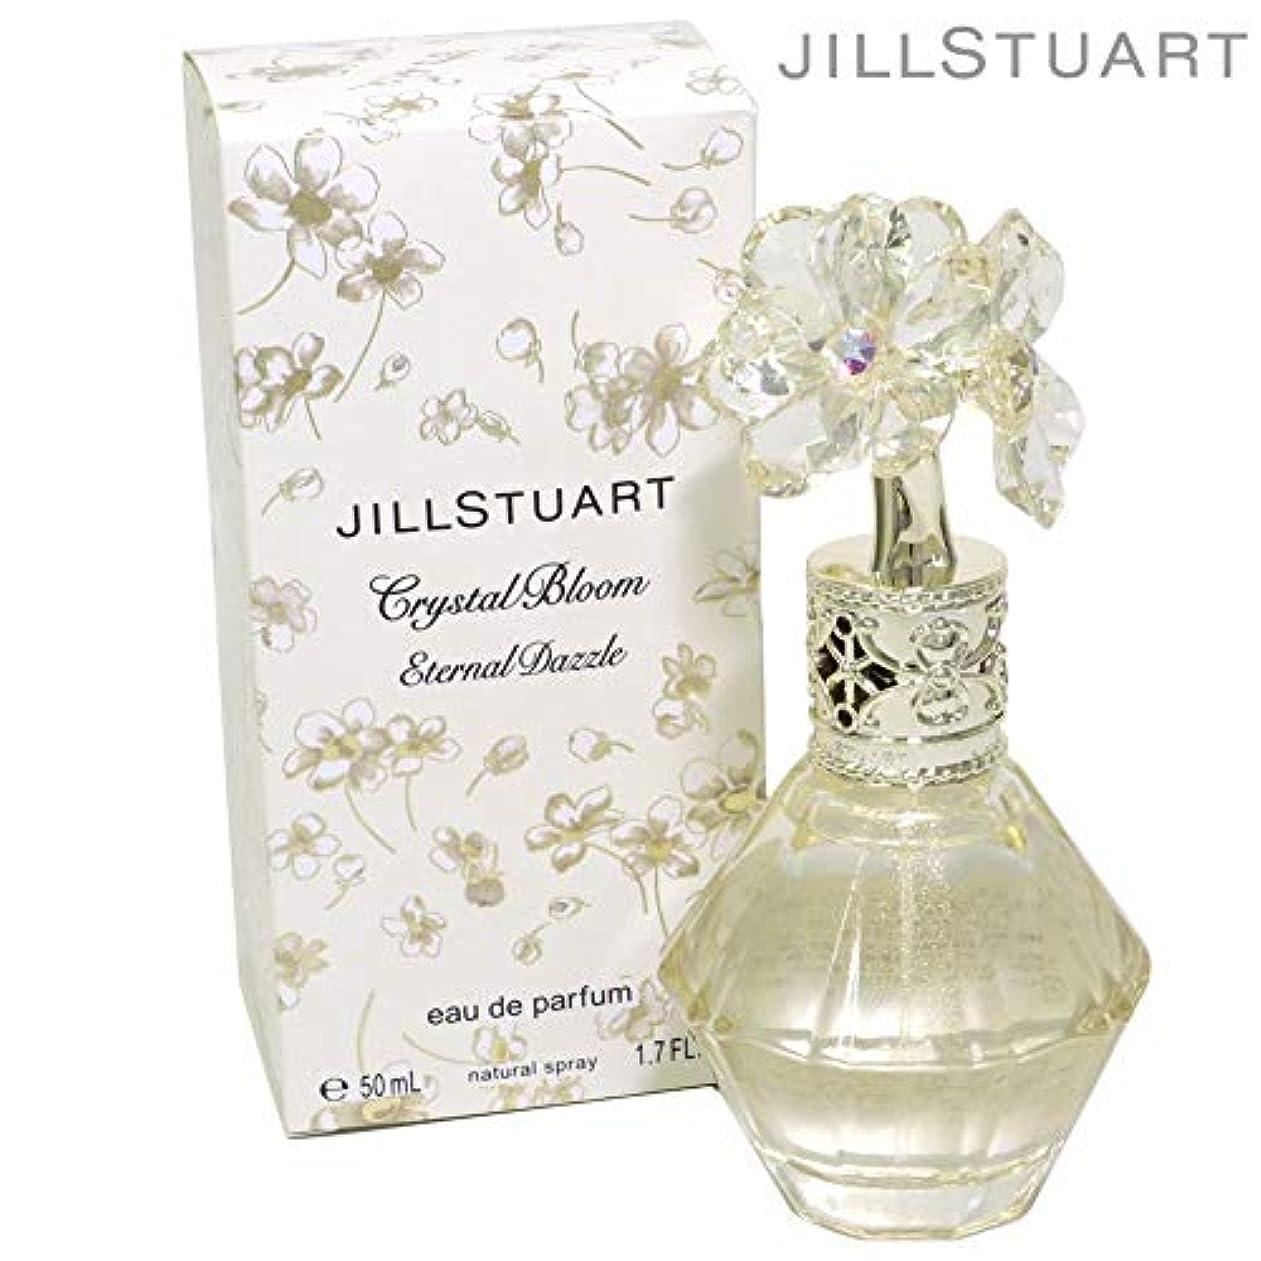 大セージ悪党JILL STUART(ジルスチュアート) クリスタルブルーム エターナルダズル オードパルファン 50ml 『Crystal Bloom Eternal Dazzle eau de parfum』